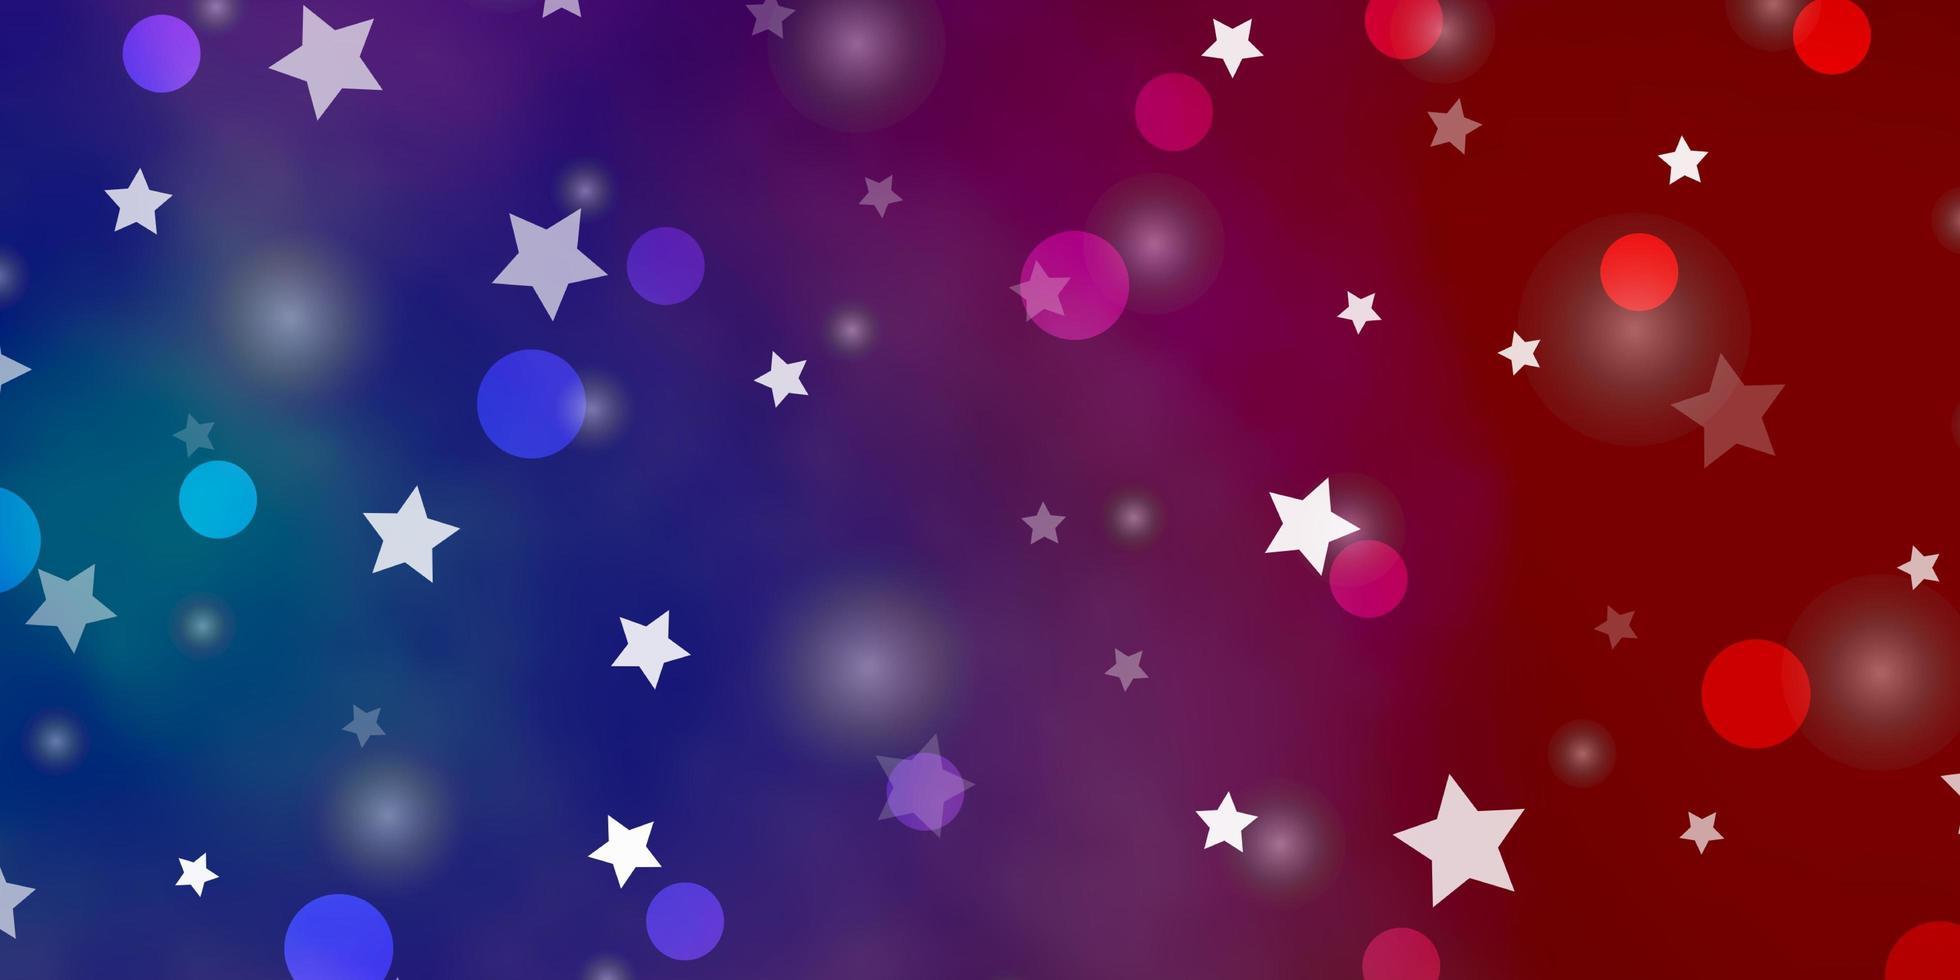 textura azul clara, vermelha com círculos, estrelas. vetor